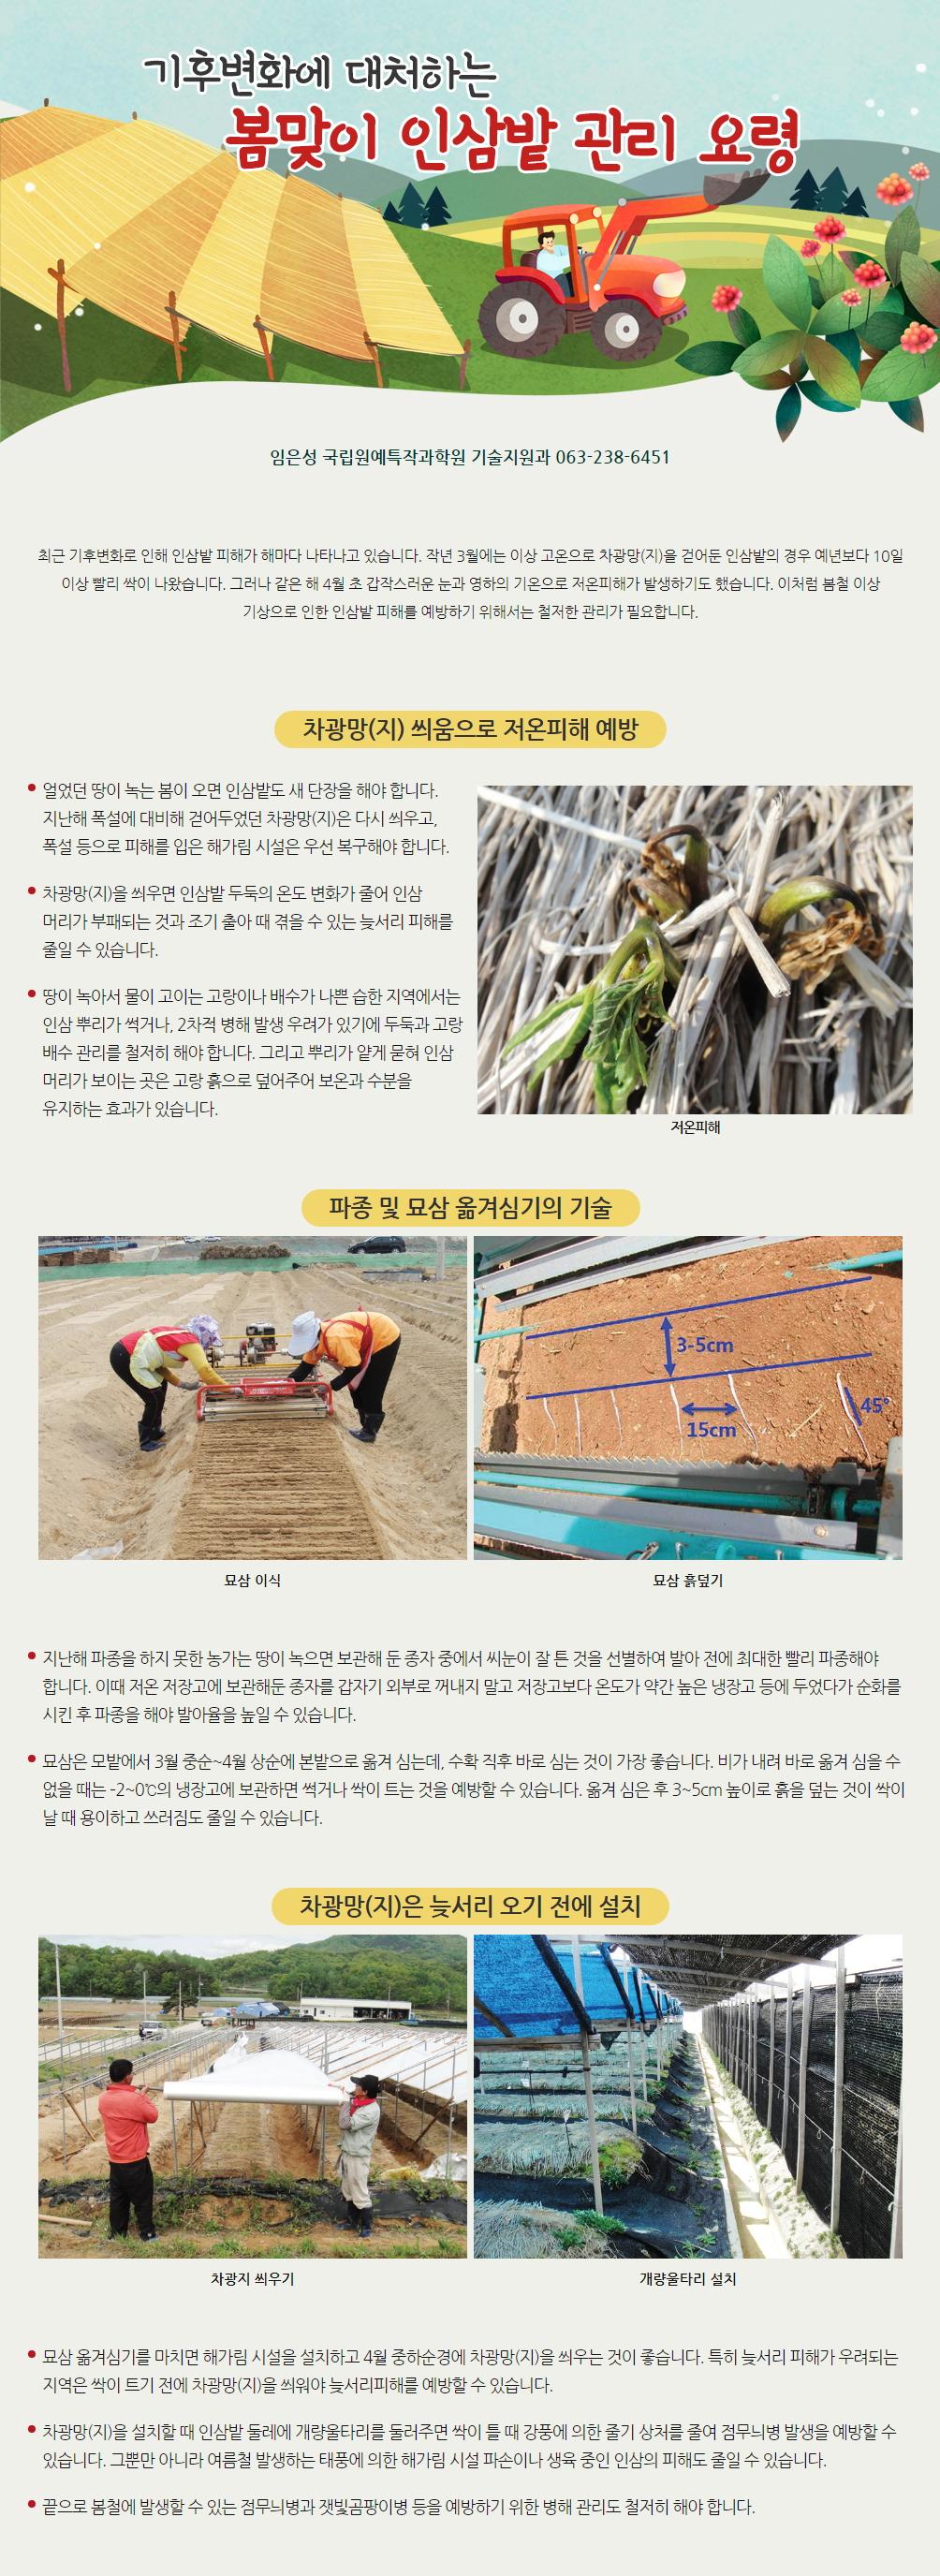 봄철 이상저온에 따른 농작물 피해 예방 철저 [이미지]